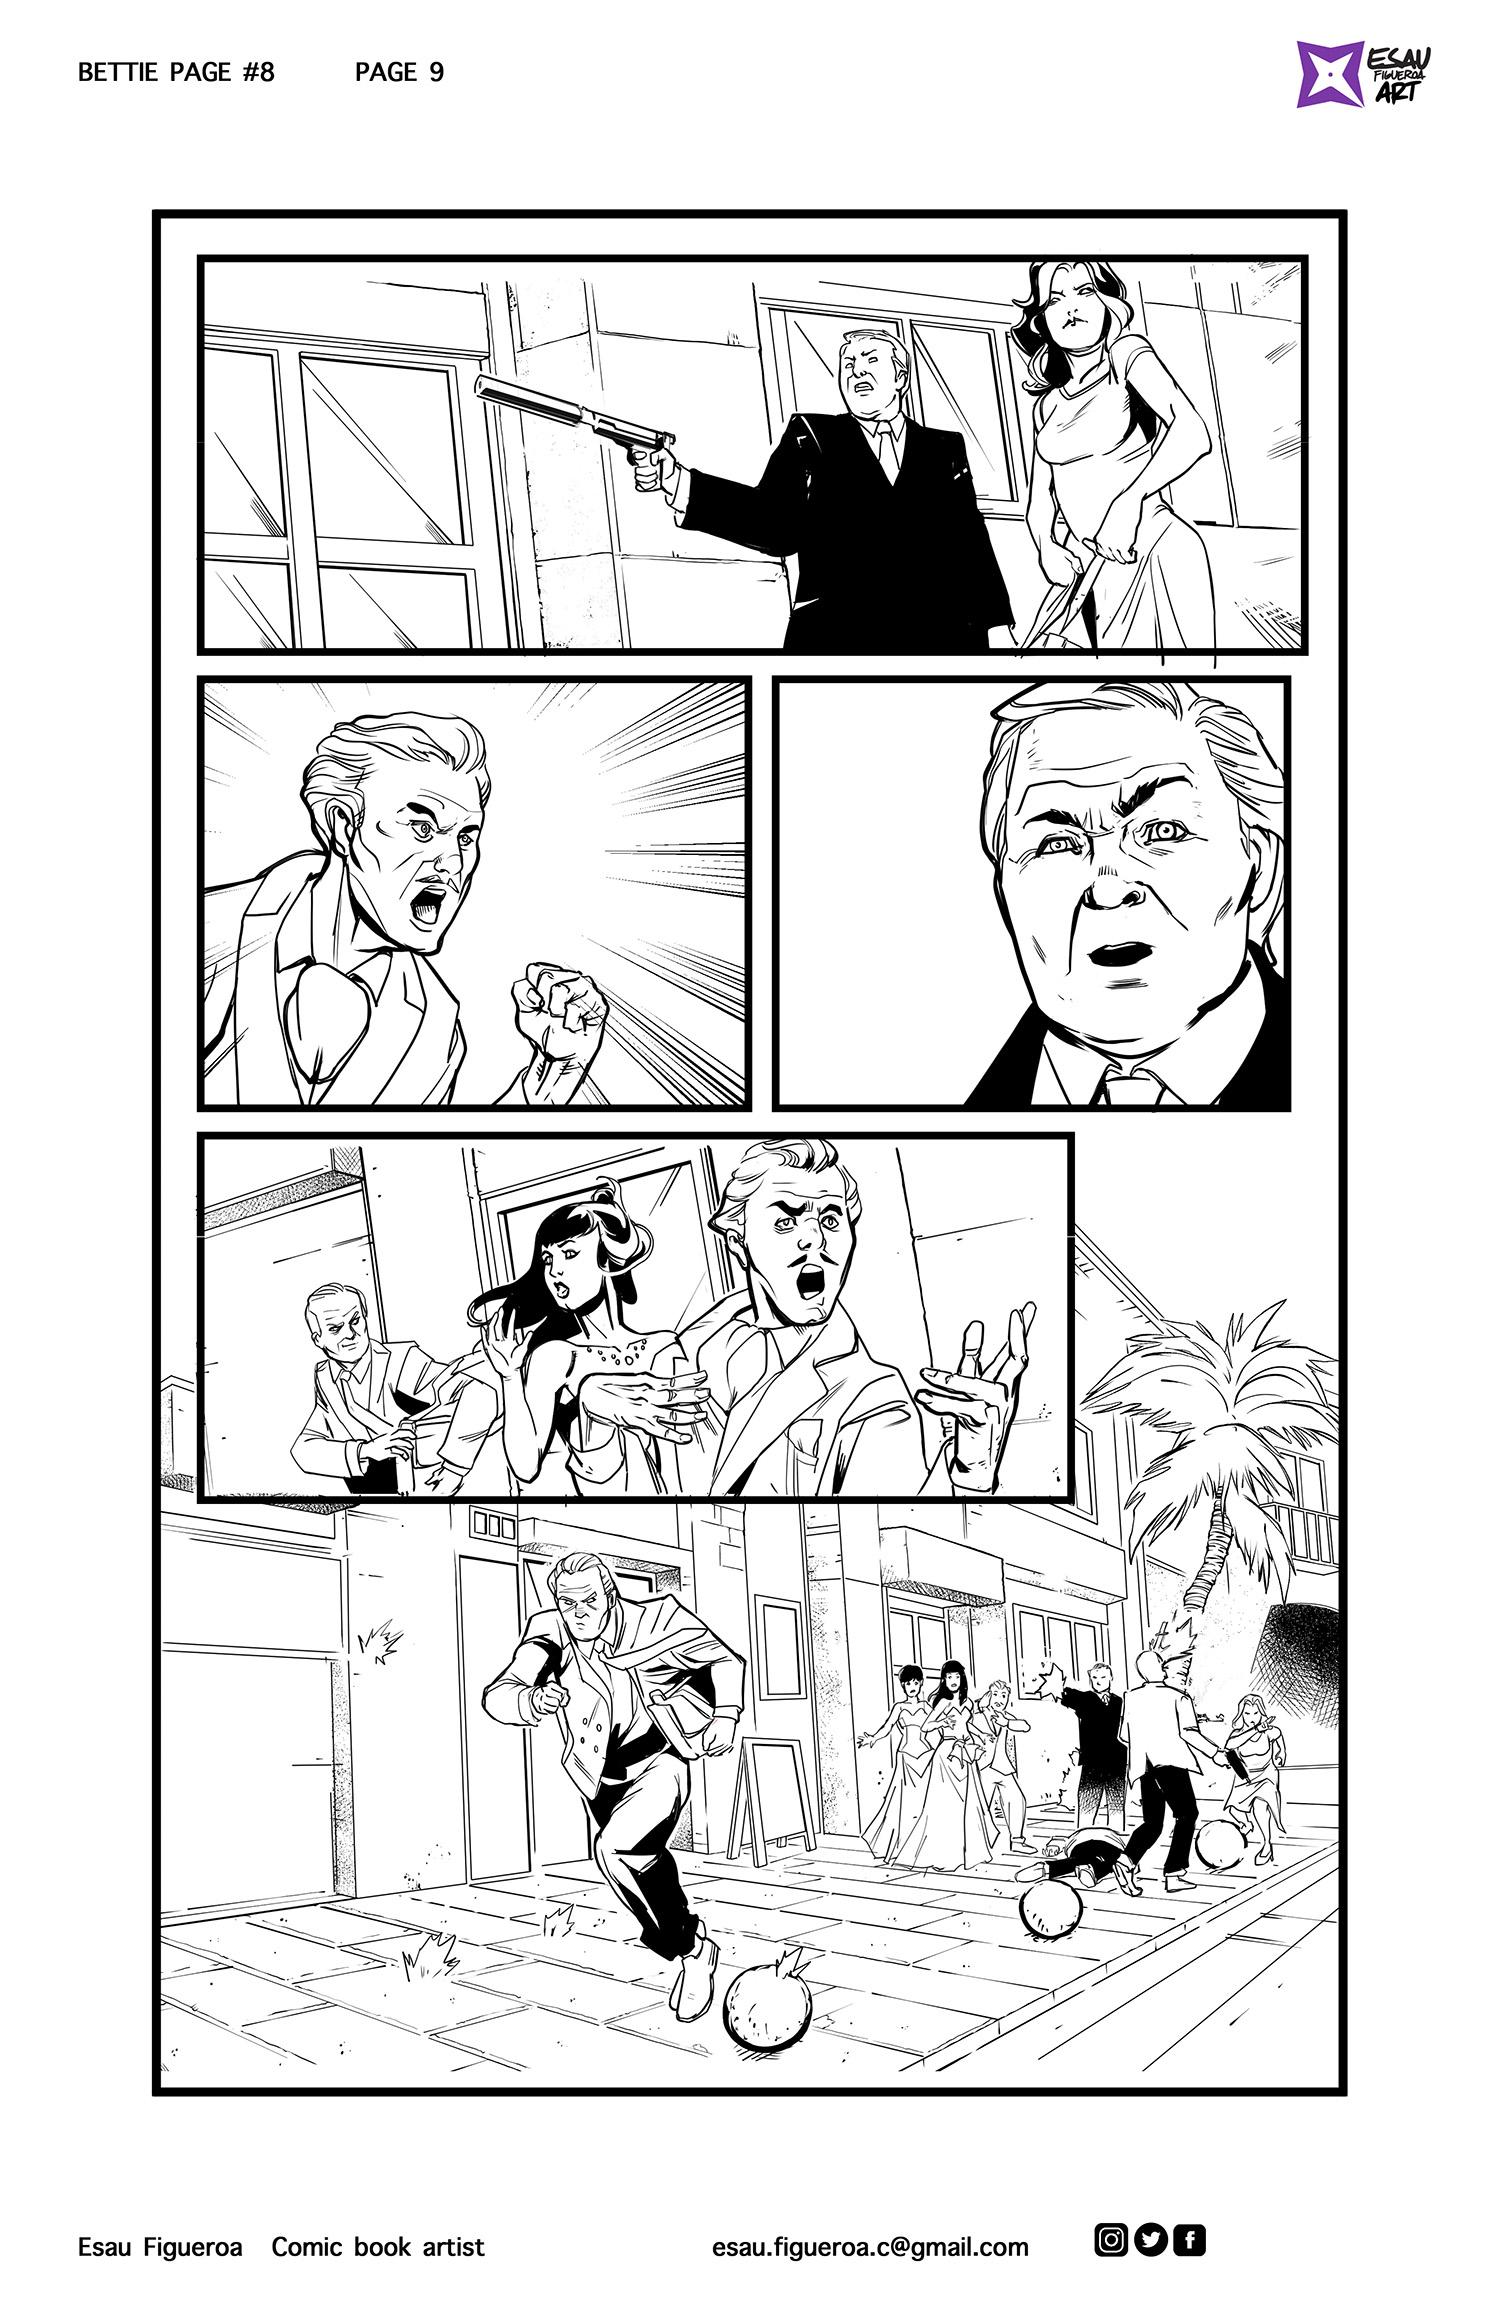 Bettie-page-8-9 .jpg